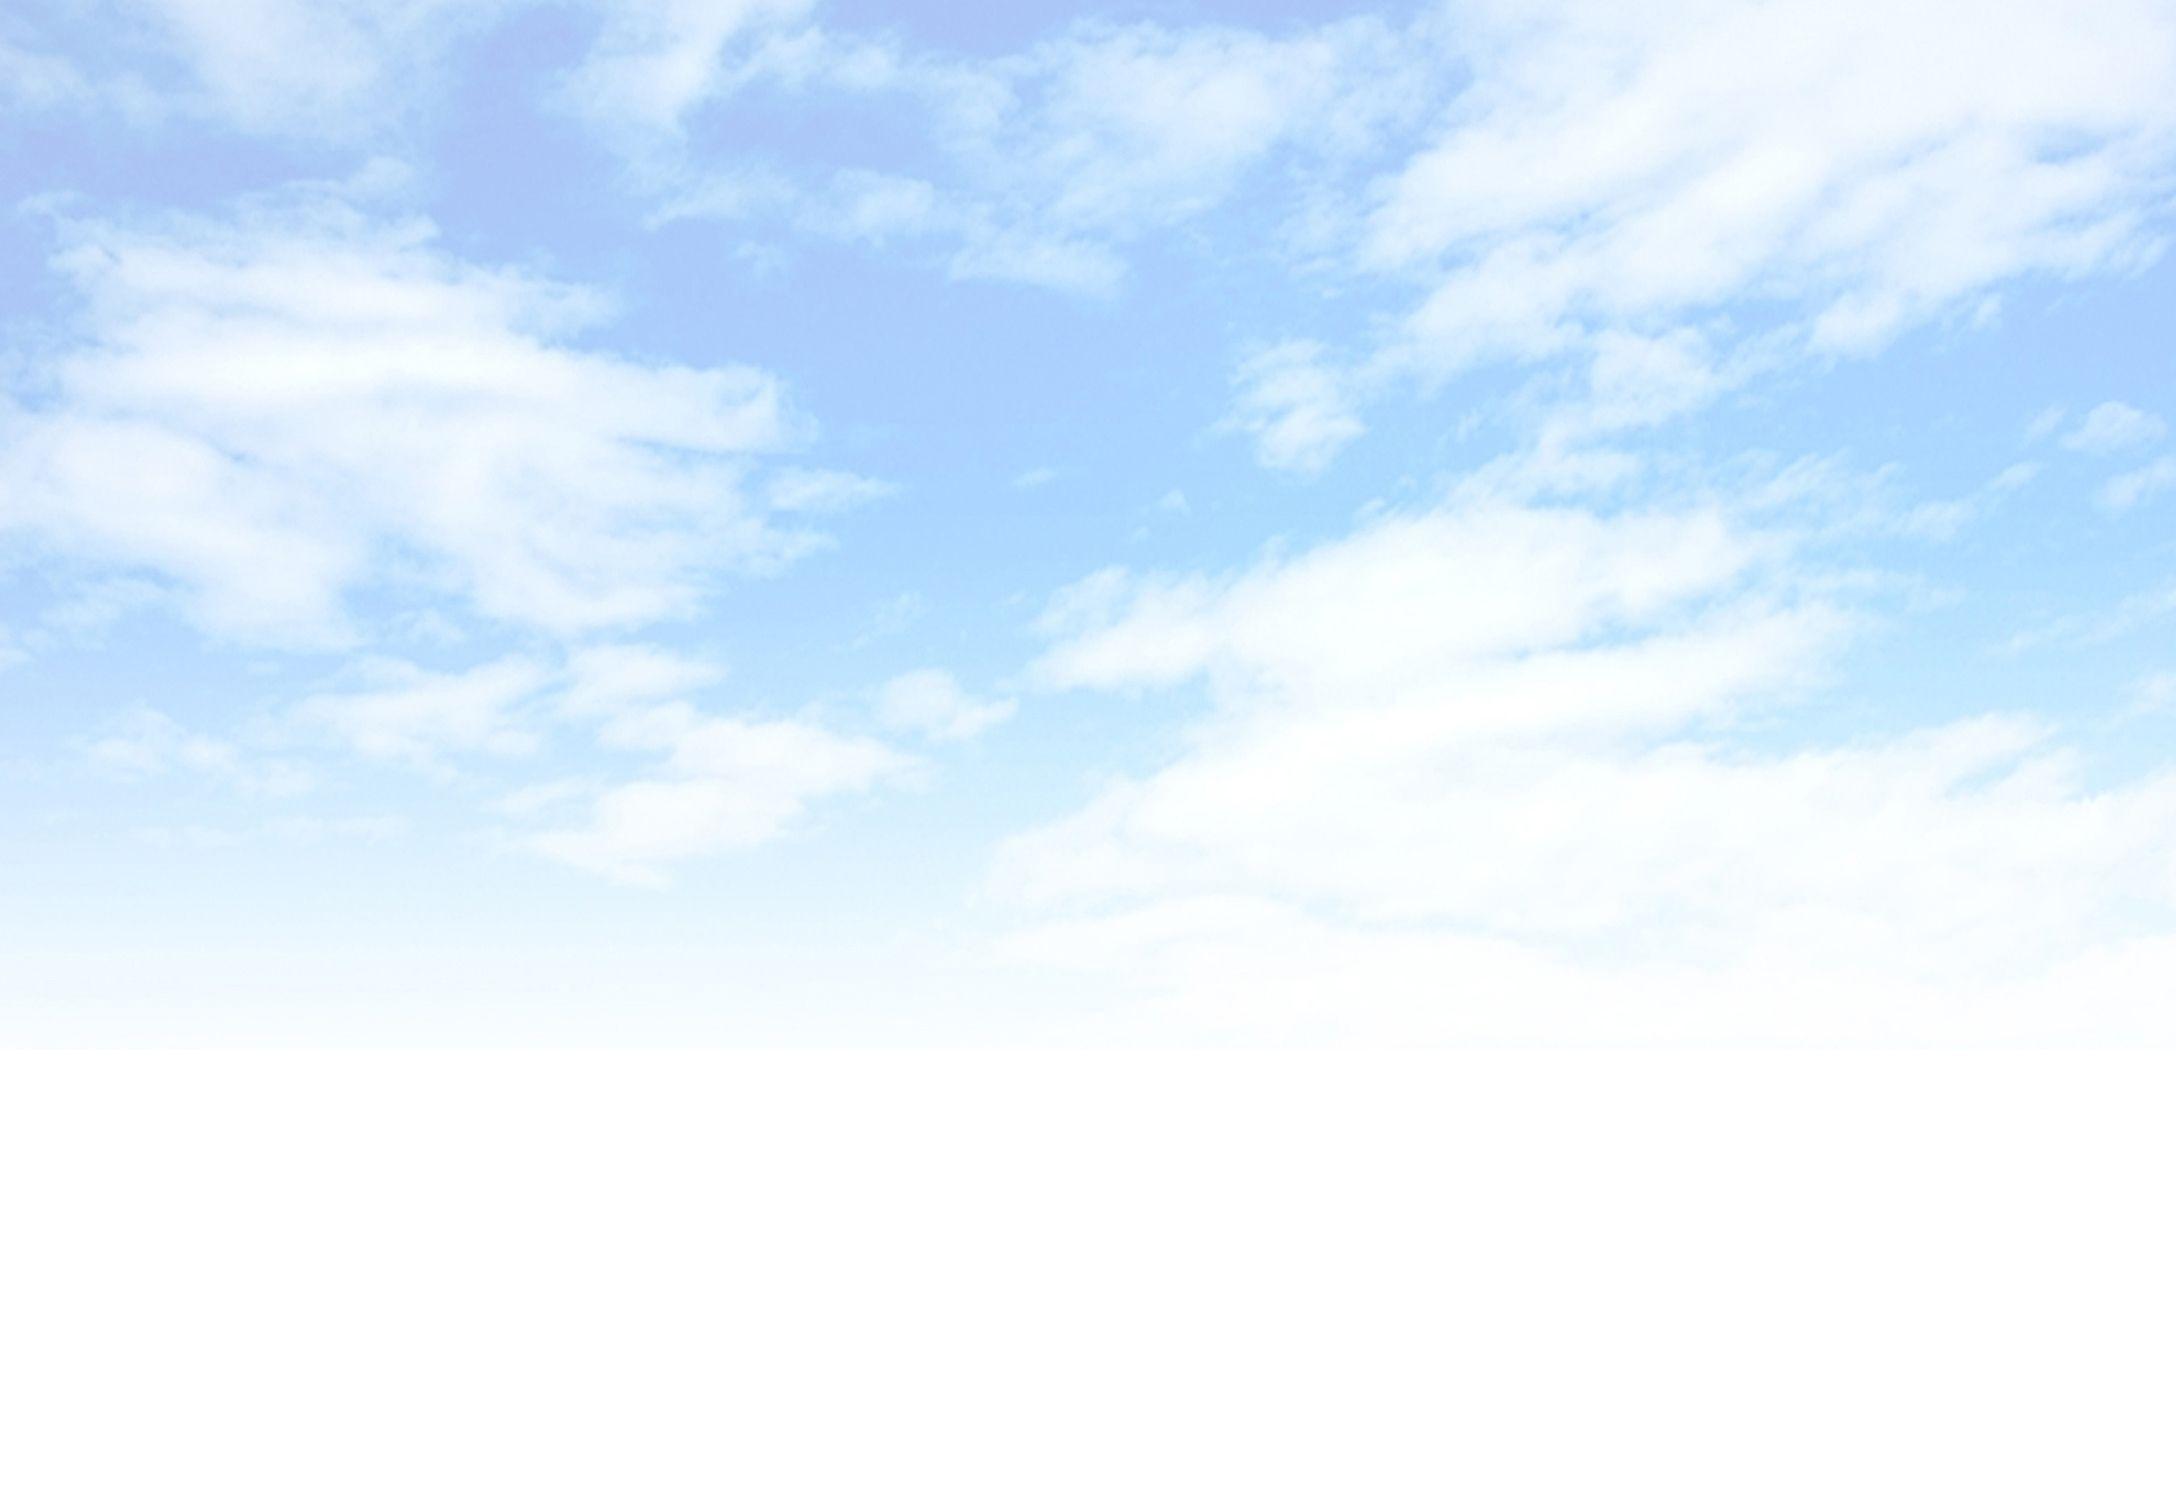 grunge sky background tumblr - photo #44